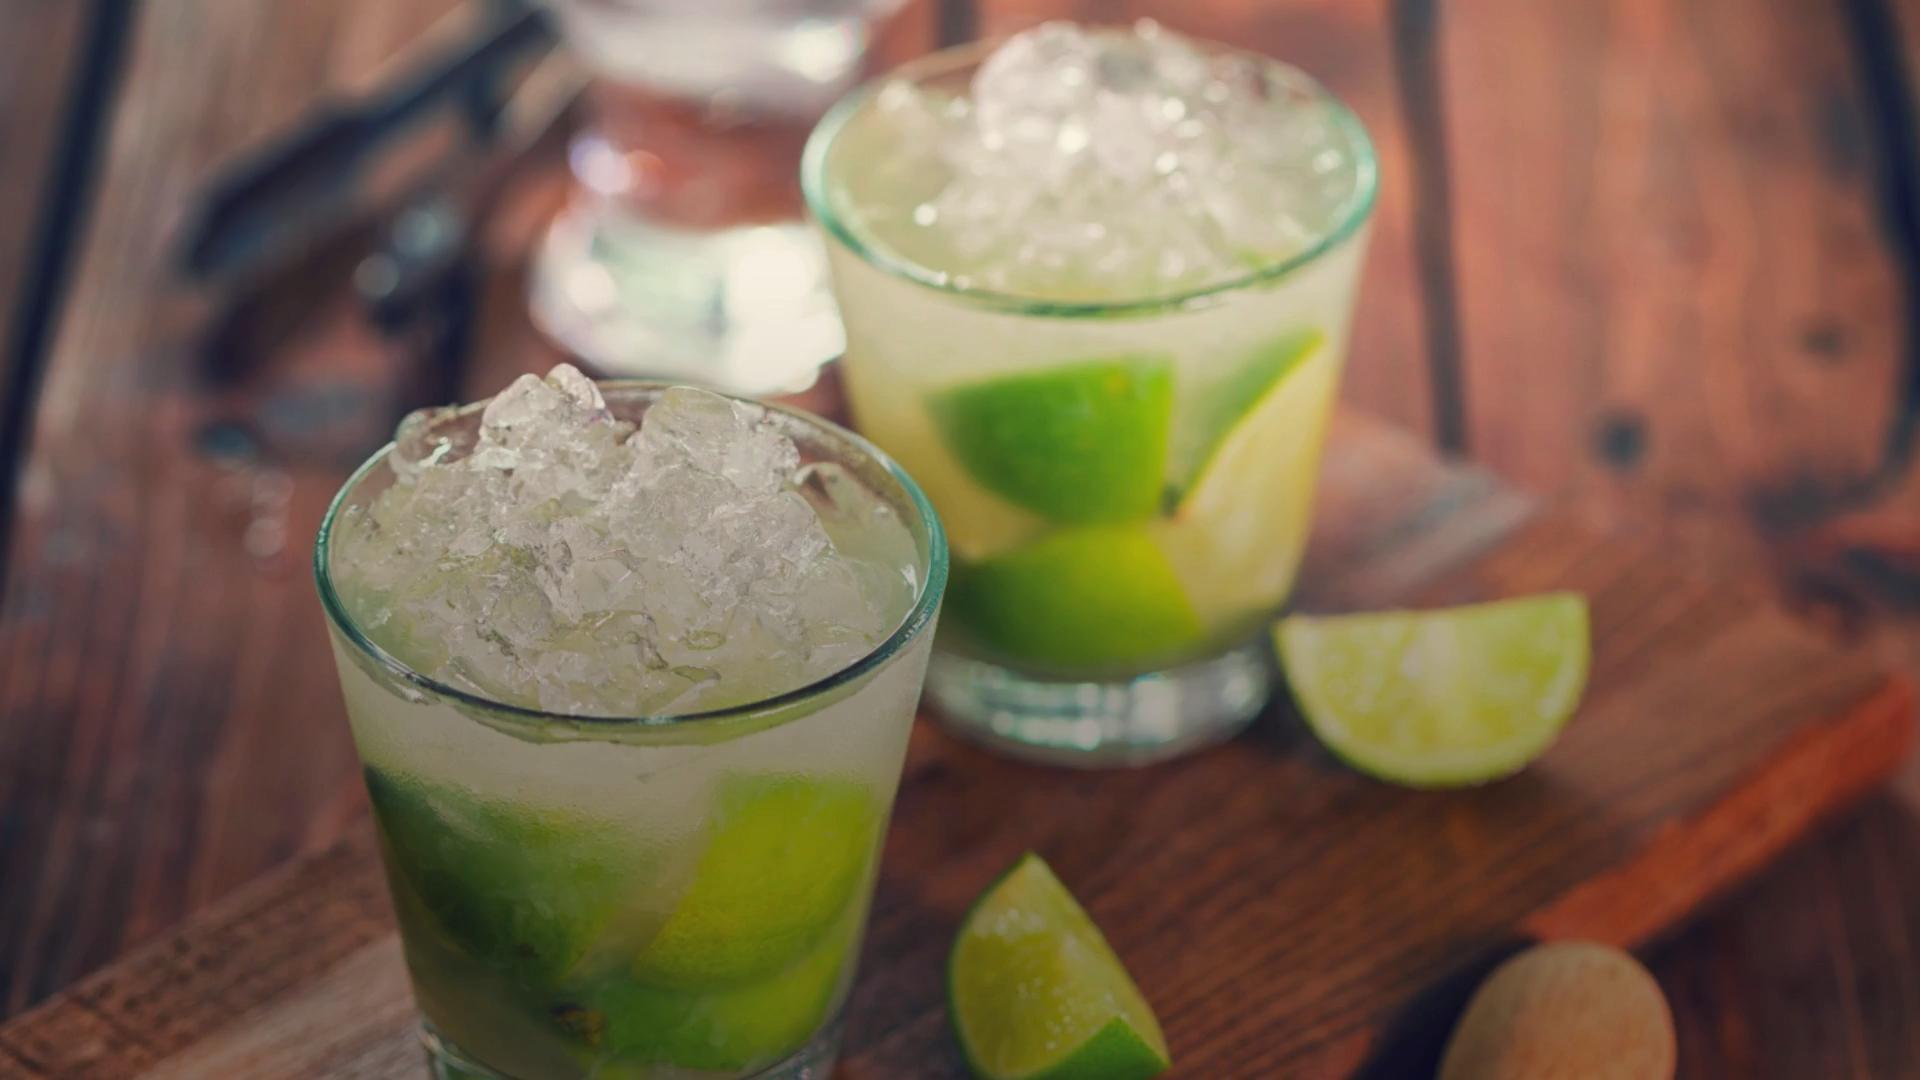 Margaritas, Schmargaritas: Why You Should Drink Caipirinhas Instead